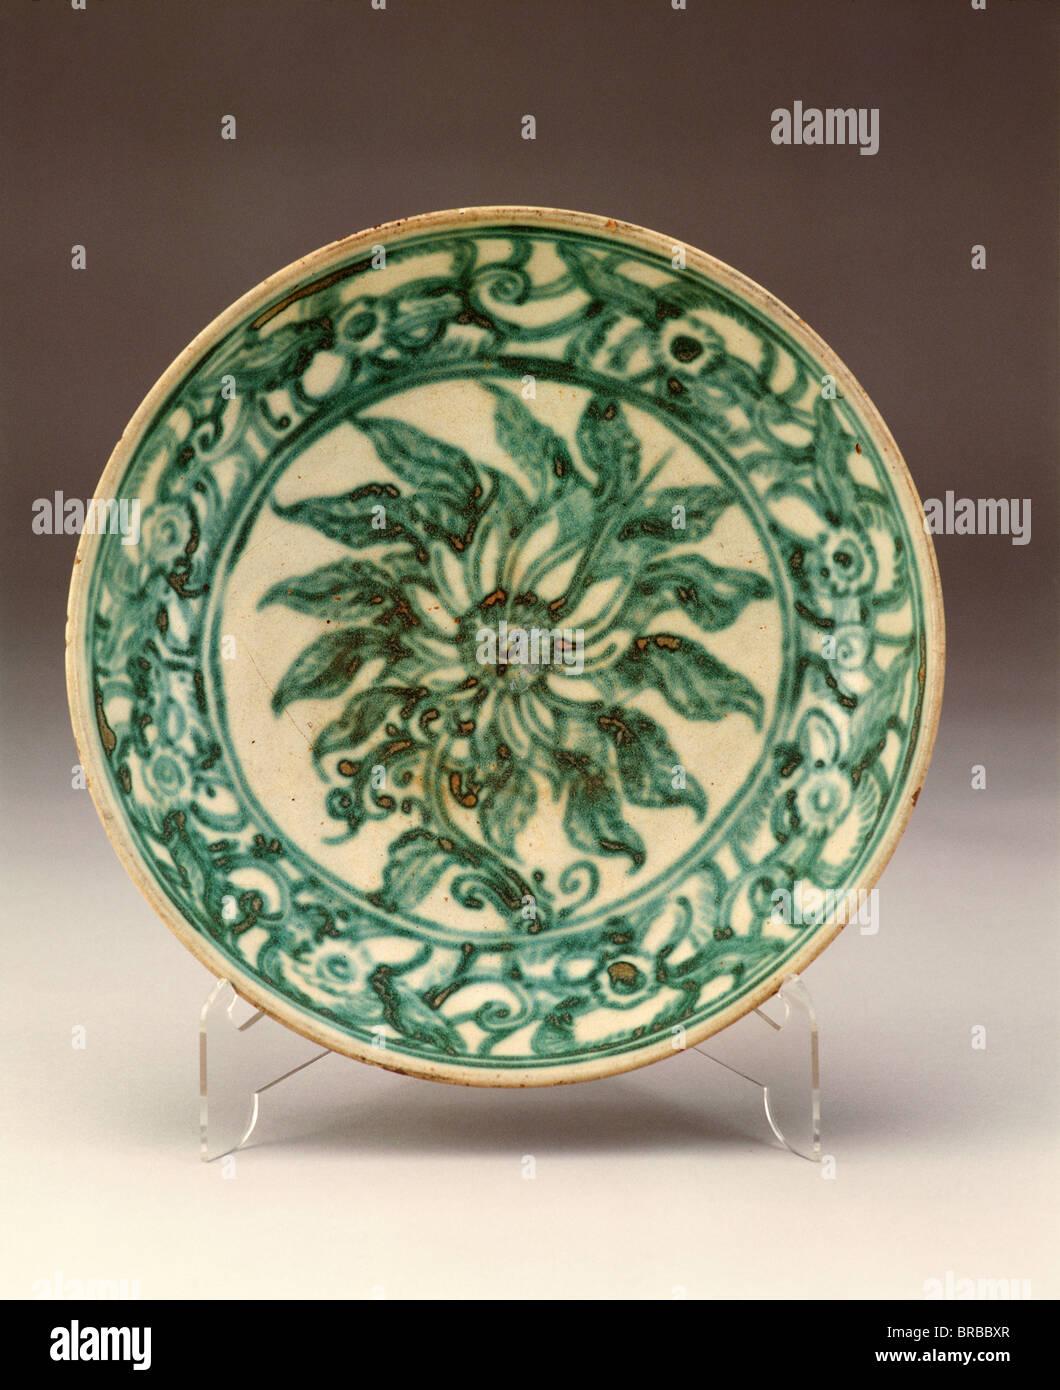 Vetri birmano piastra ceramica risalente al XV o xvi secolo dagli scavi di Tak, Myanmar (Birmania) Immagini Stock